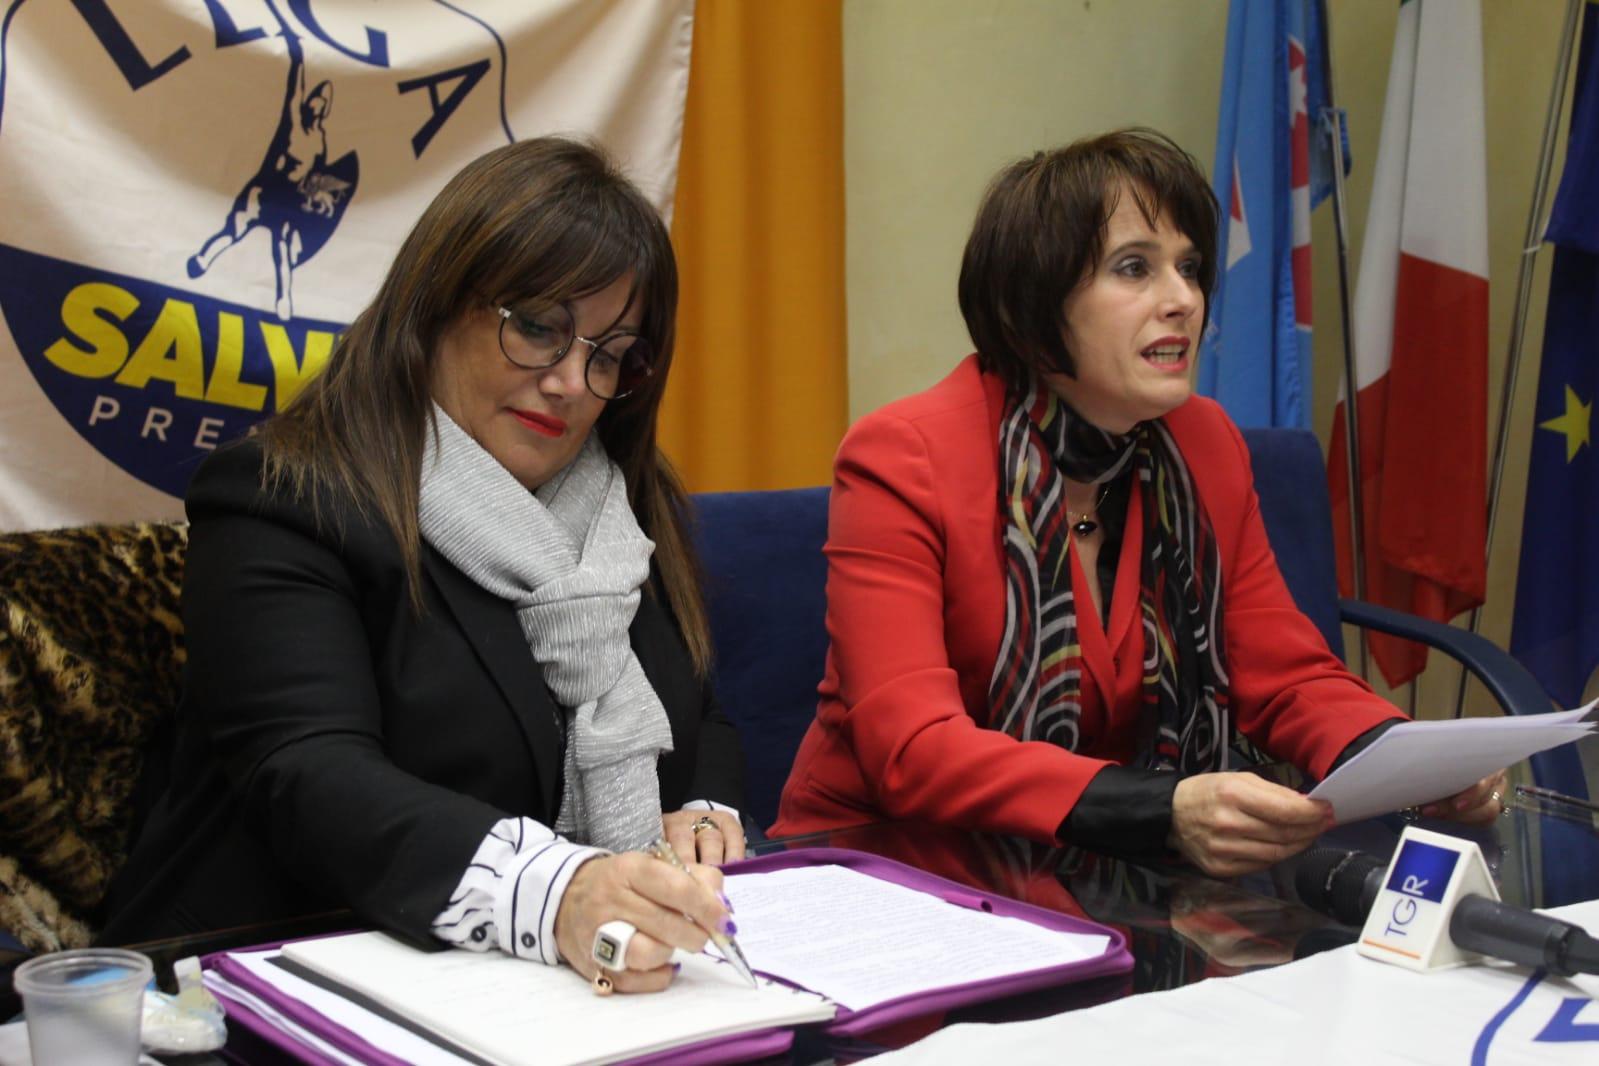 Politica regionale: Calenda e Romagnuolo fanno sul serio. Domani la presentazione del loro nuovo progetto politico tutto molisano.